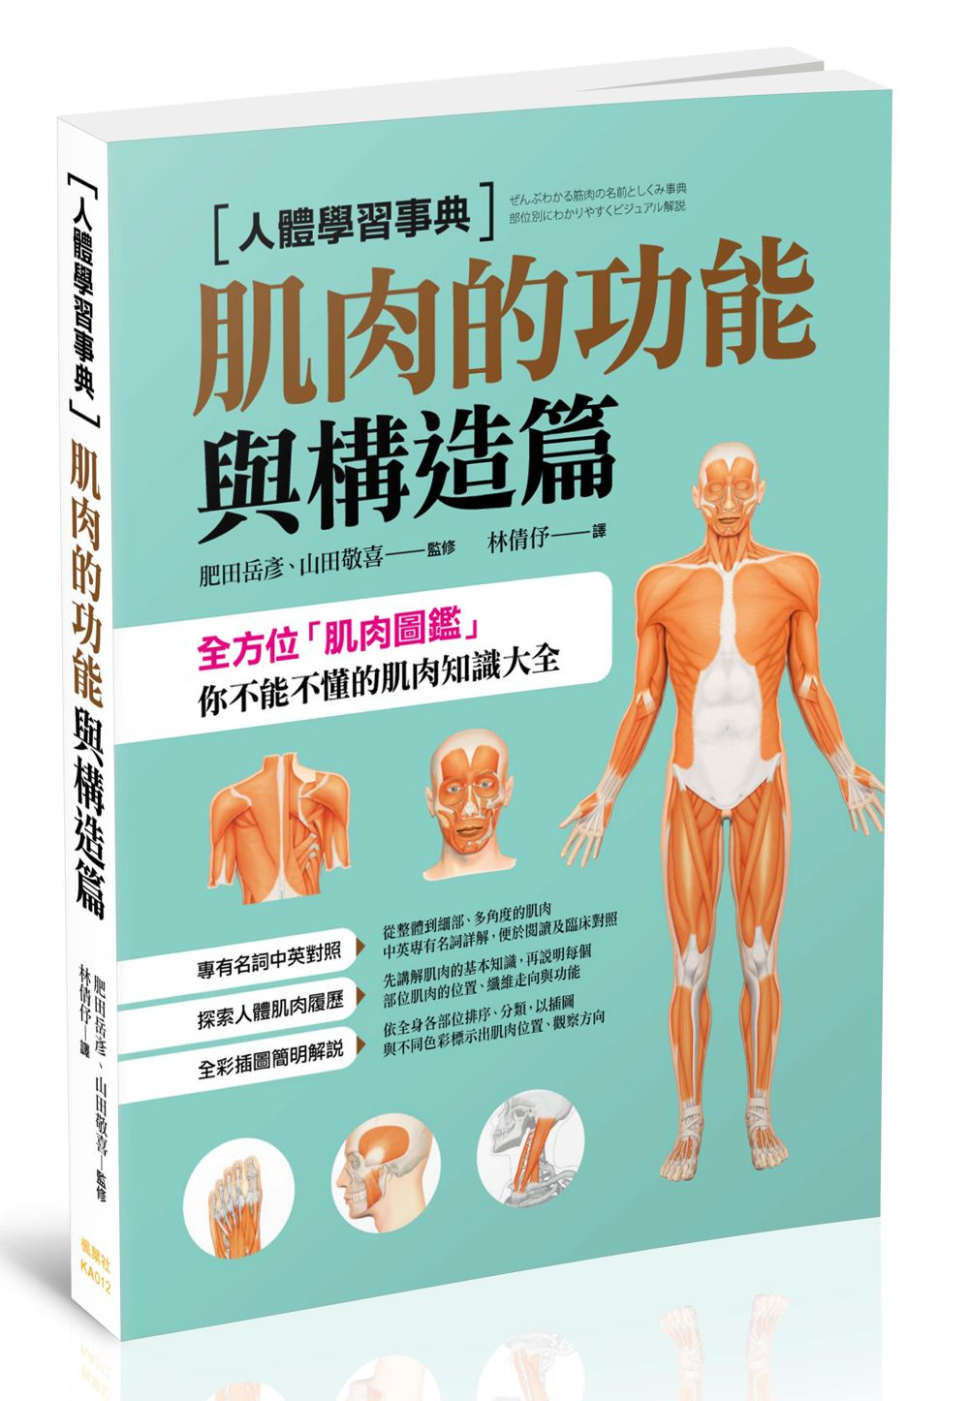 人體學習事典:肌肉的功能與構造篇